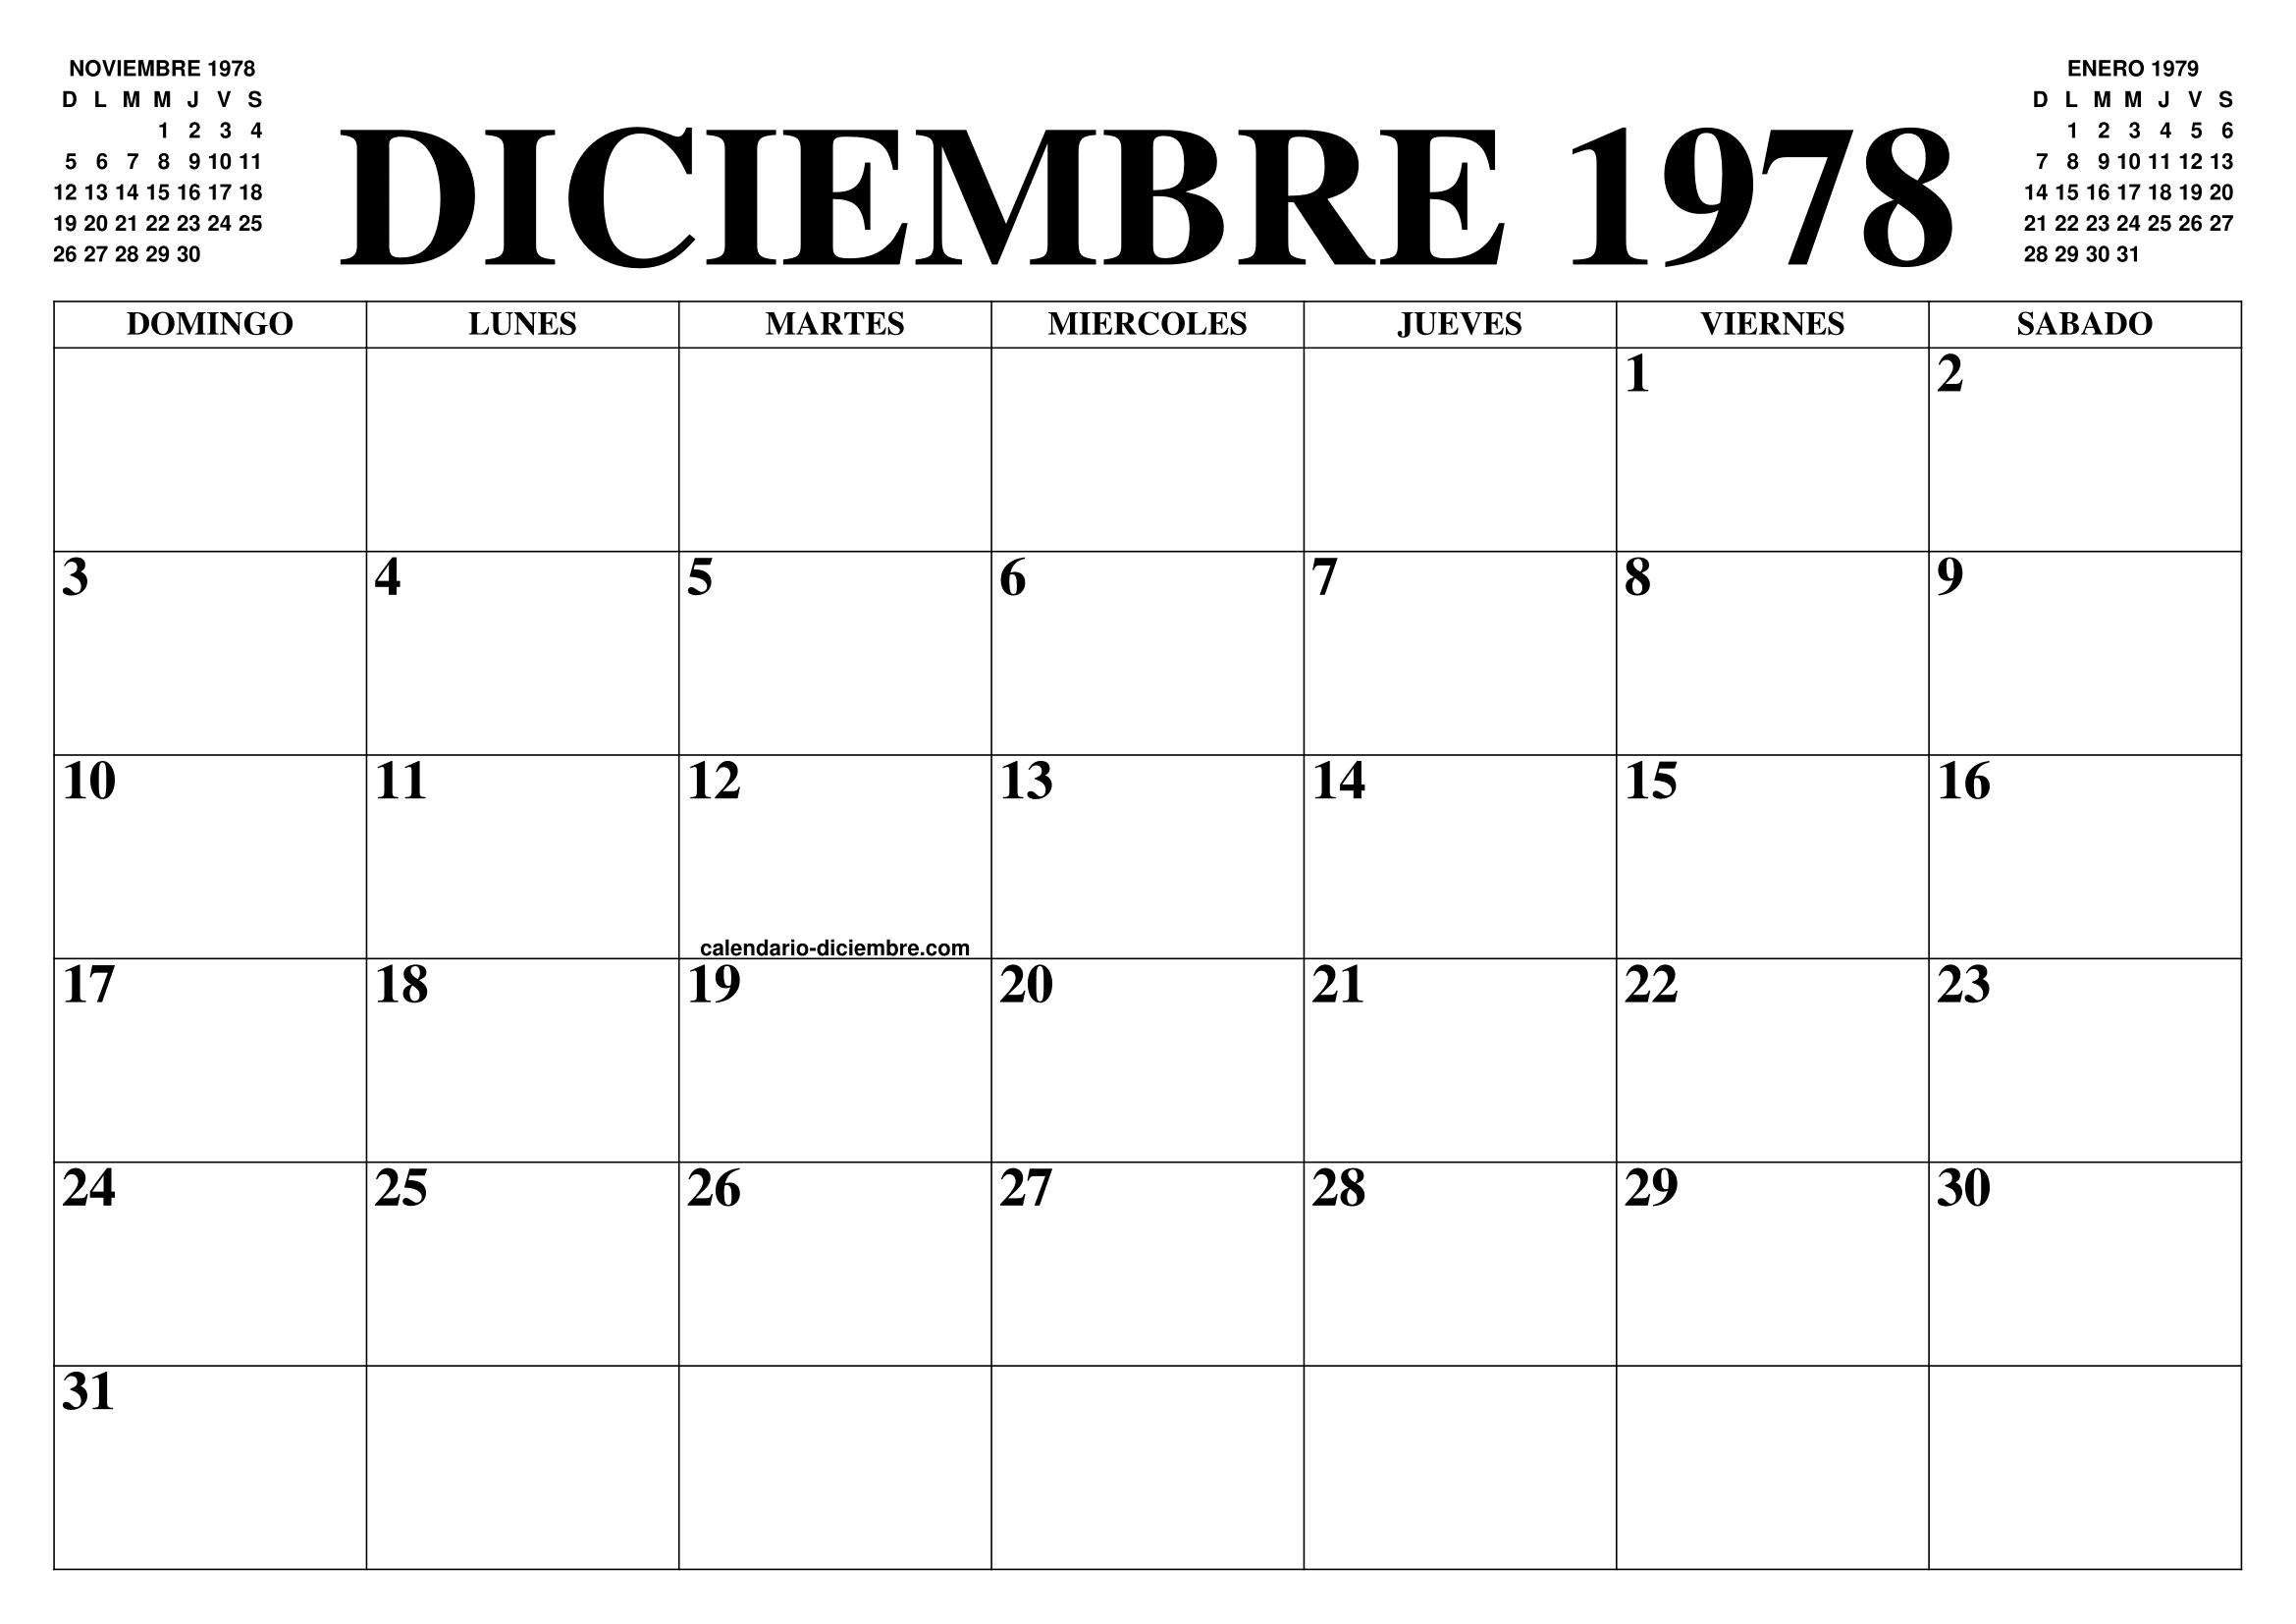 1978 Calendario.Calendario Diciembre 1978 El Calendario Diciembre Para